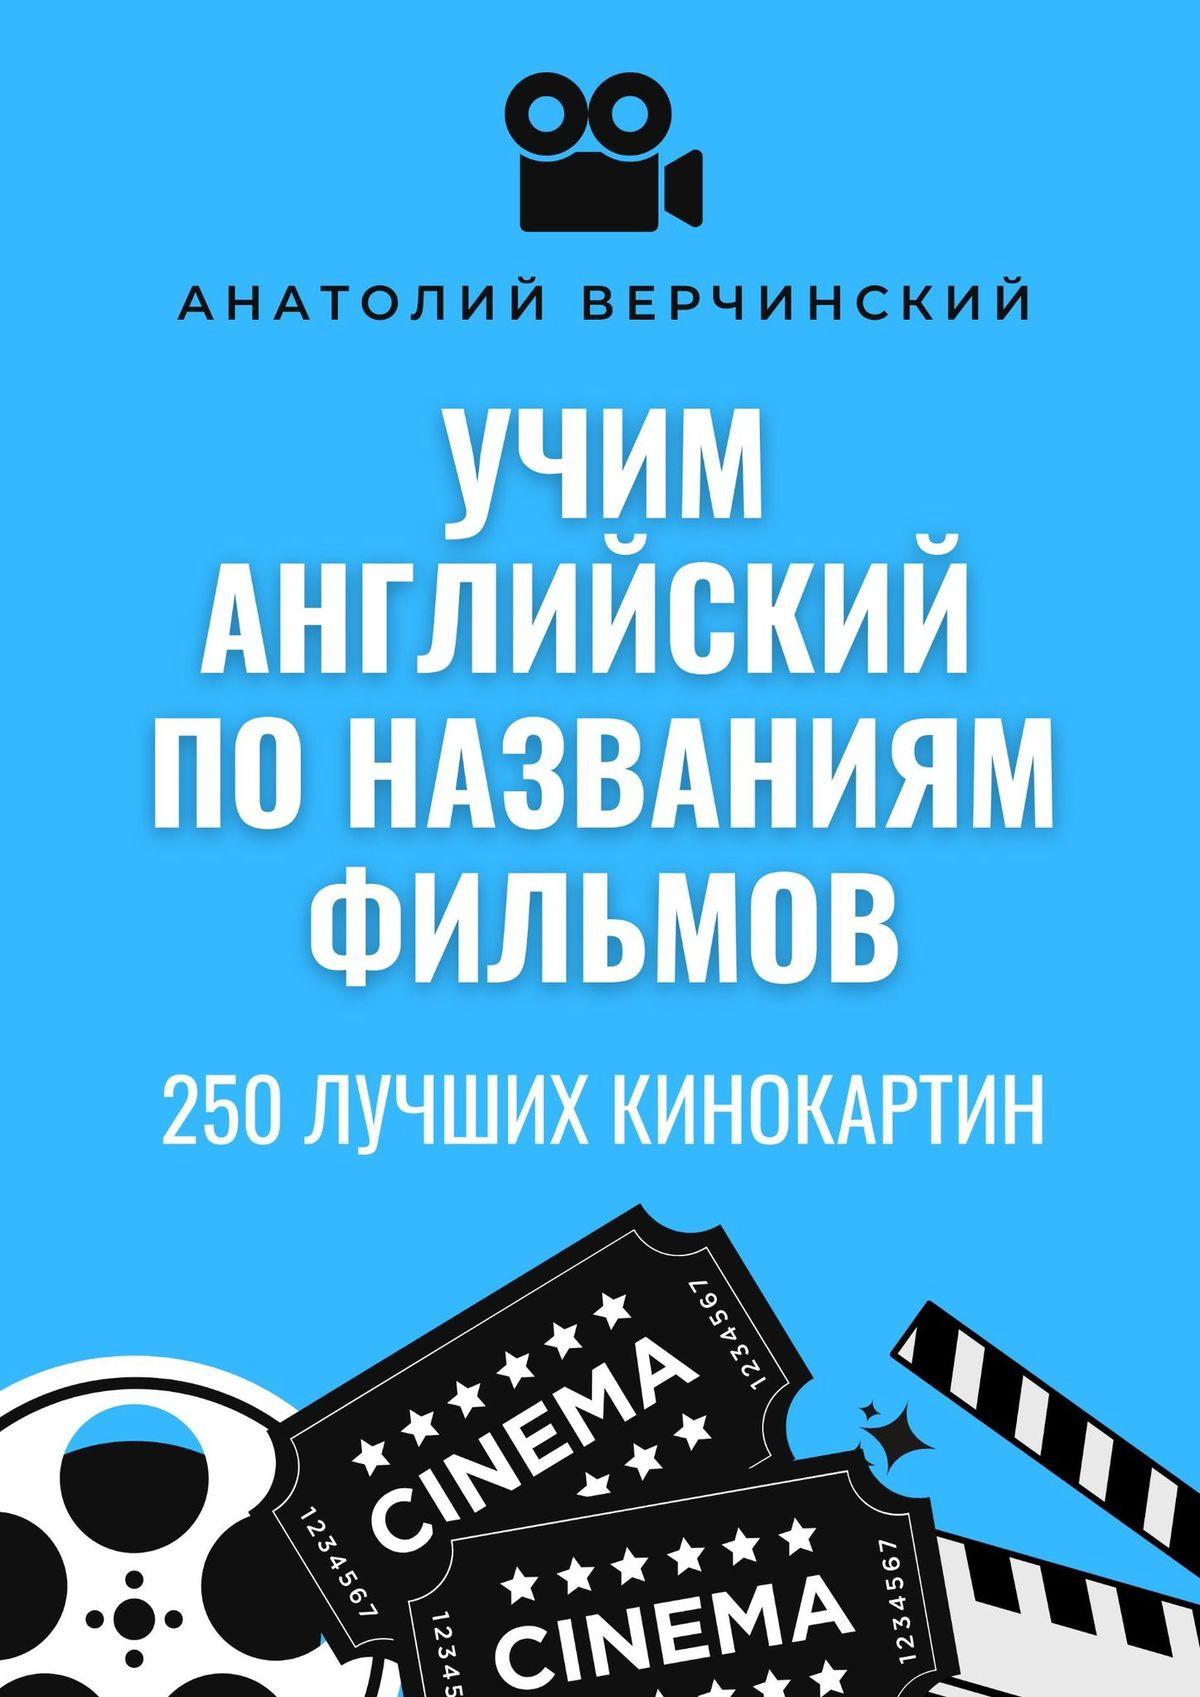 Анатолий Верчинский Учим английский спомощью названий фильмов. Самоучитель стоимость